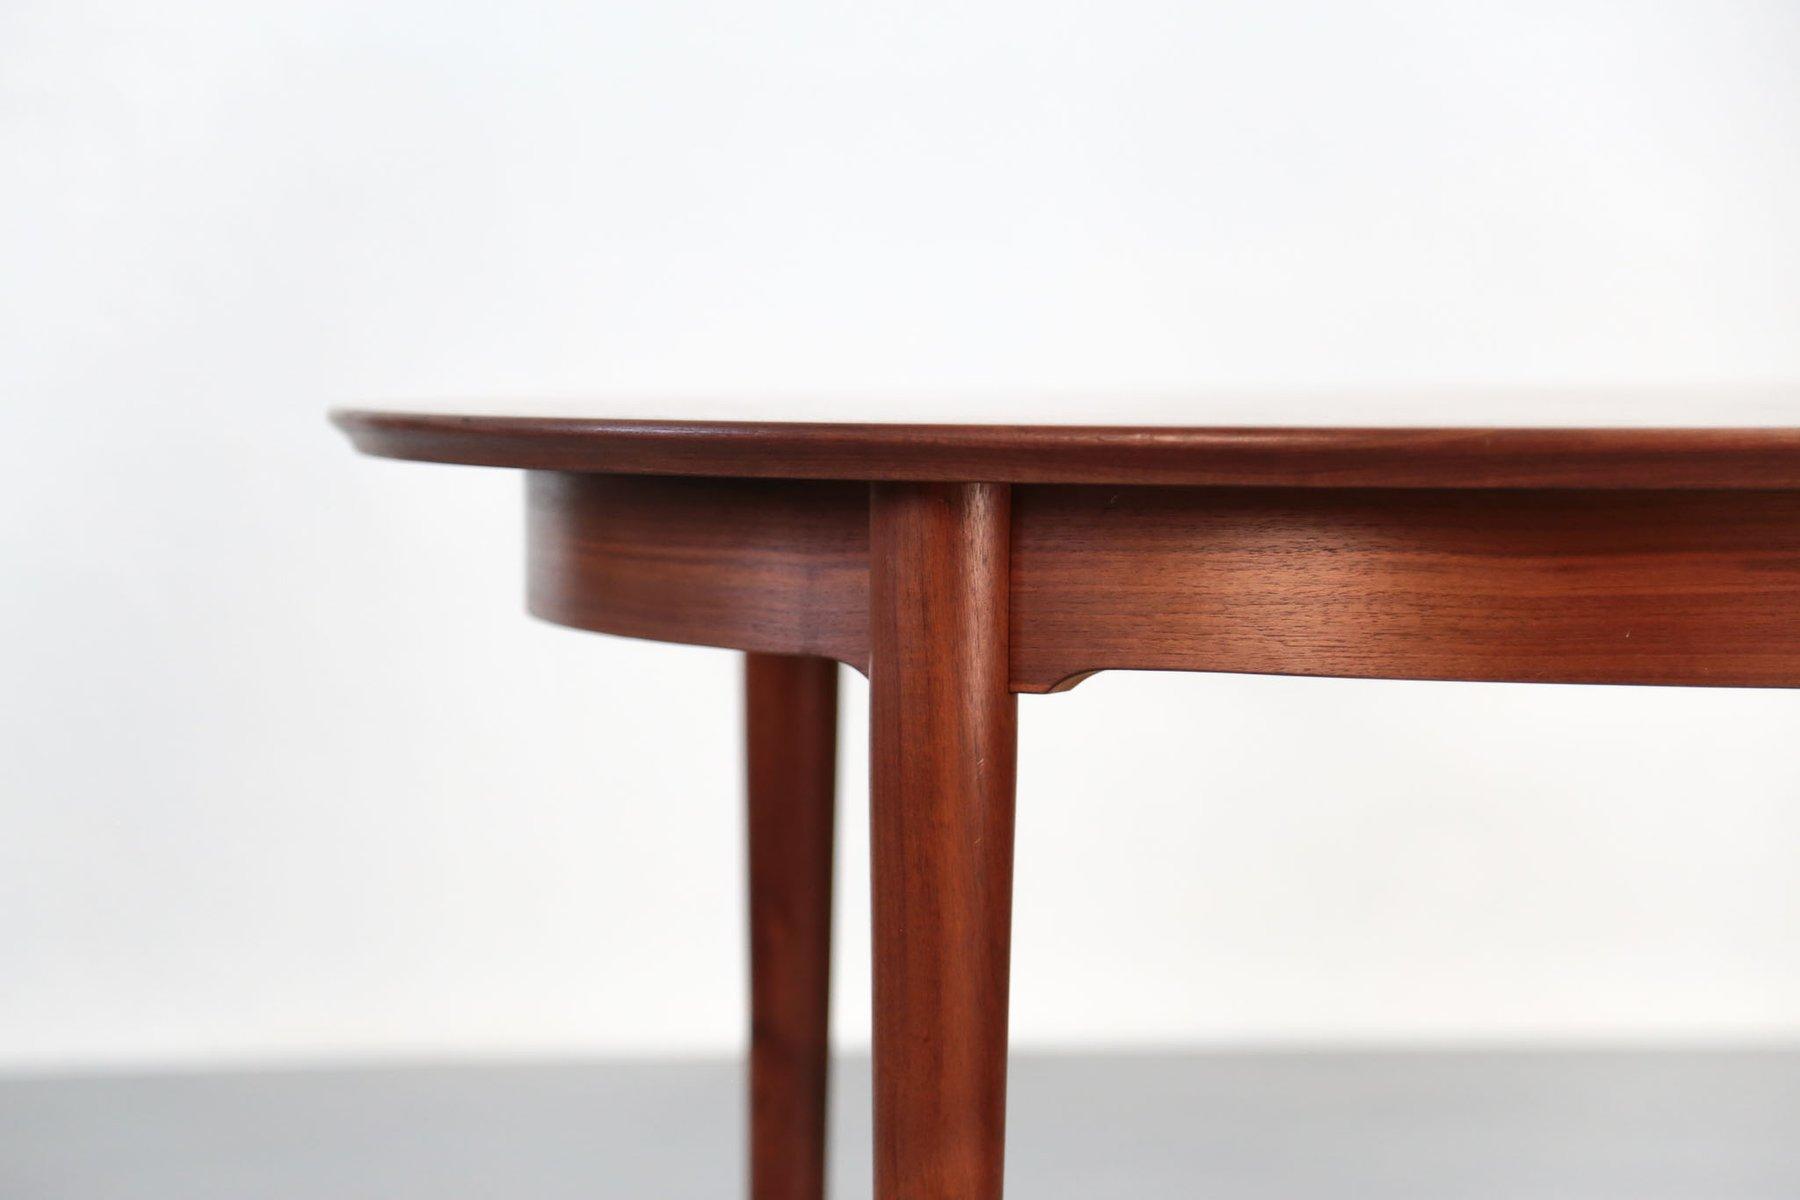 Skandinavischer esstisch aus teak von arne vodder f r p olsen sibast 1960er bei pamono kaufen - Skandinavischer esstisch ...